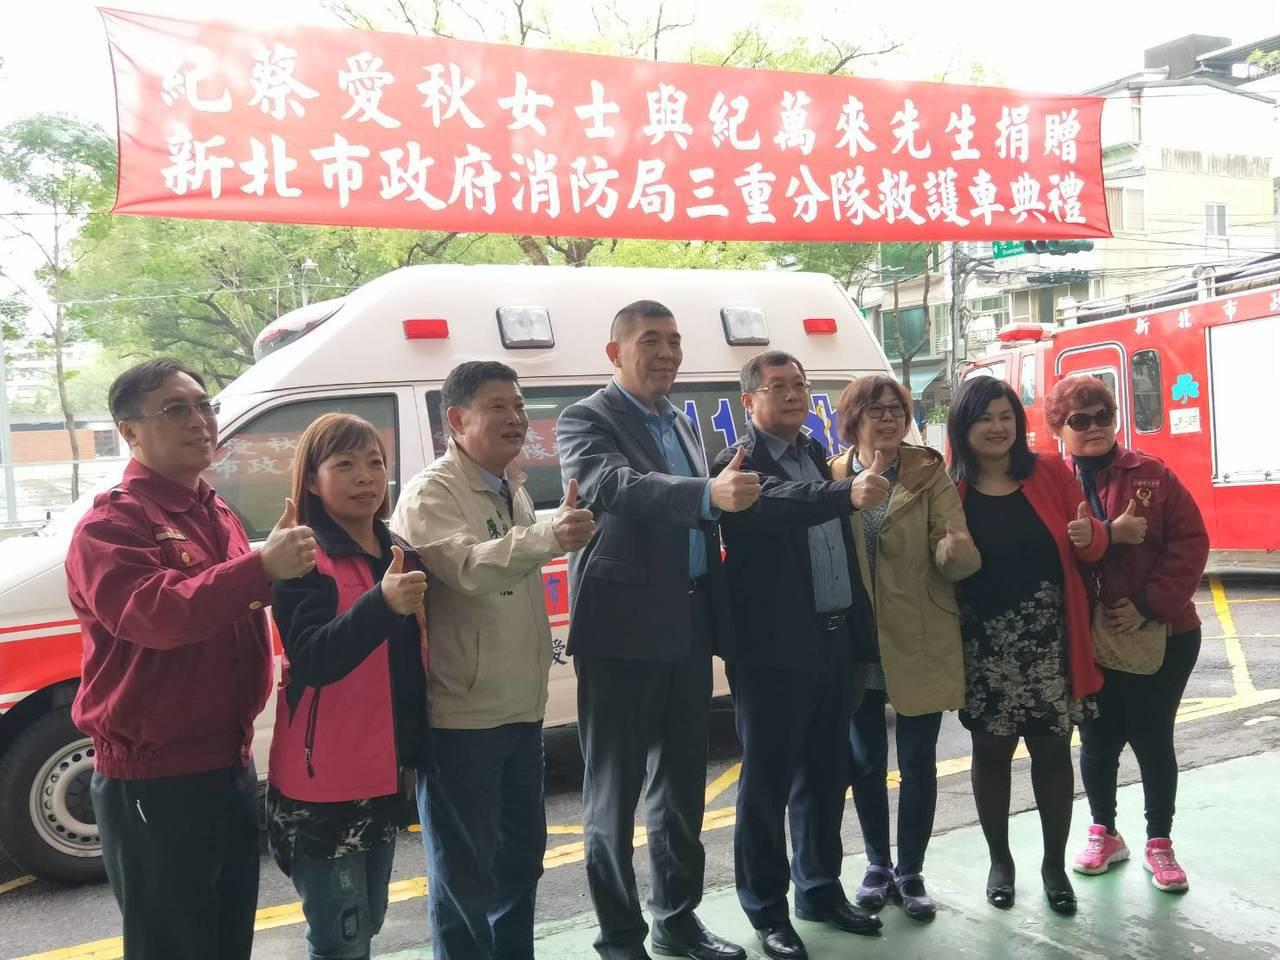 「紀蔡愛秋紀念號」救護車今天舉行捐贈儀式,市議員邱婷蔚(右二)和陳啟能(左三)、...